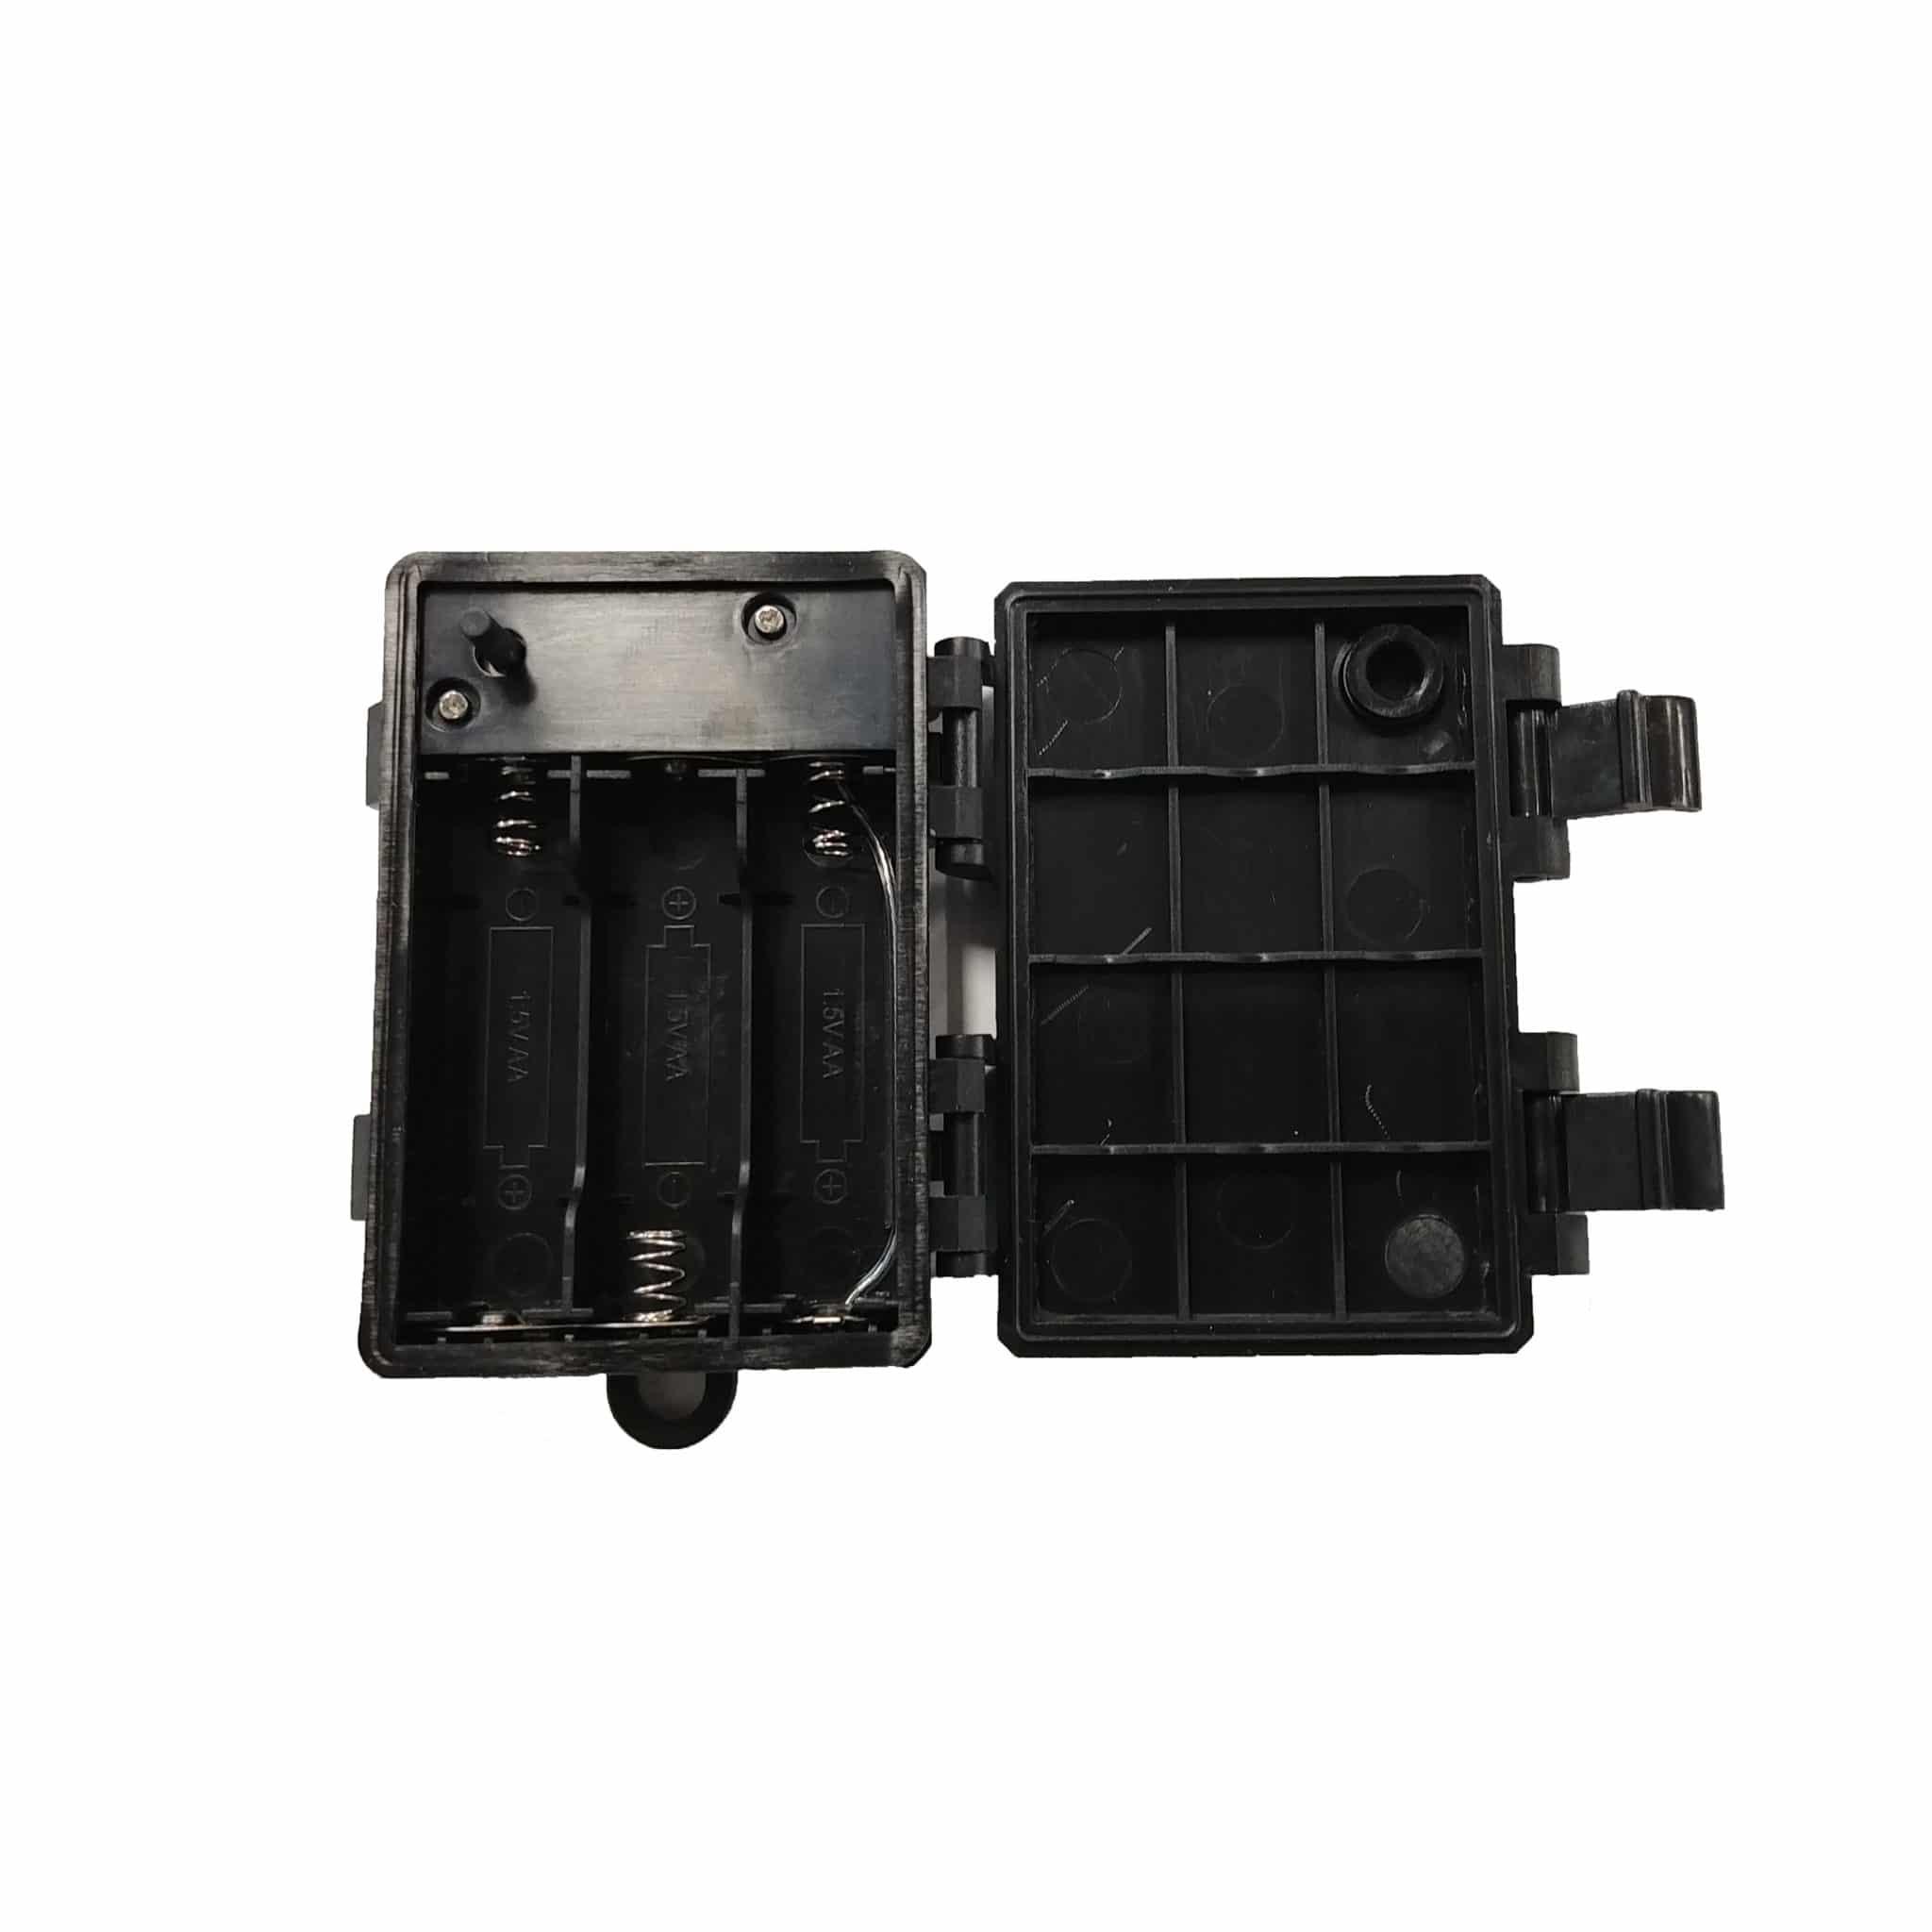 RHR LED Light Battery Box - Open